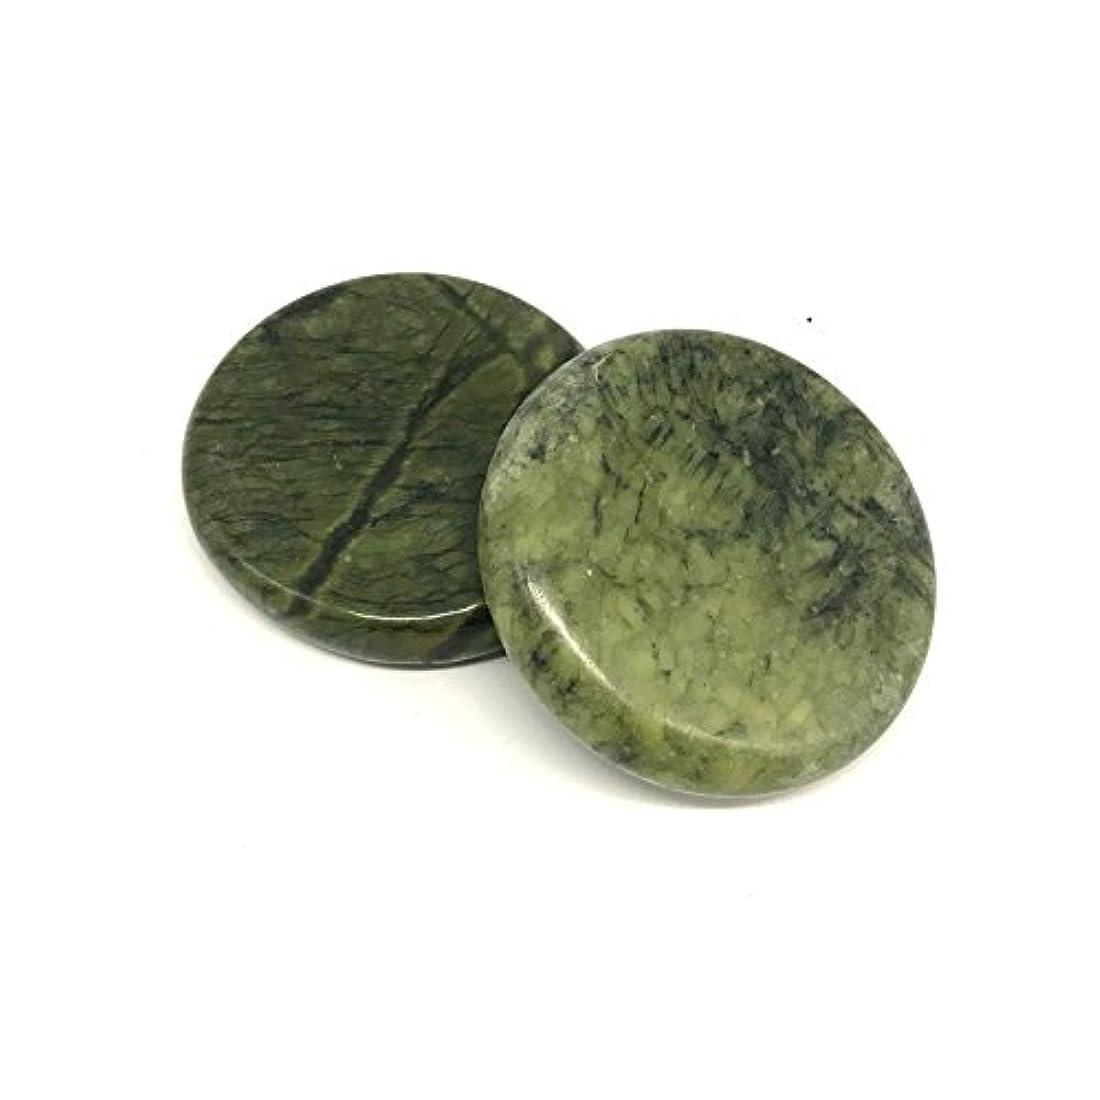 ランク借りているサドルオリーブ玉翡翠ホットストン 足つぼ?手のひら かっさ Natural Green Jade Stone hot stone for body massage Spa massage tools (L 2 点PCS) (3.14...